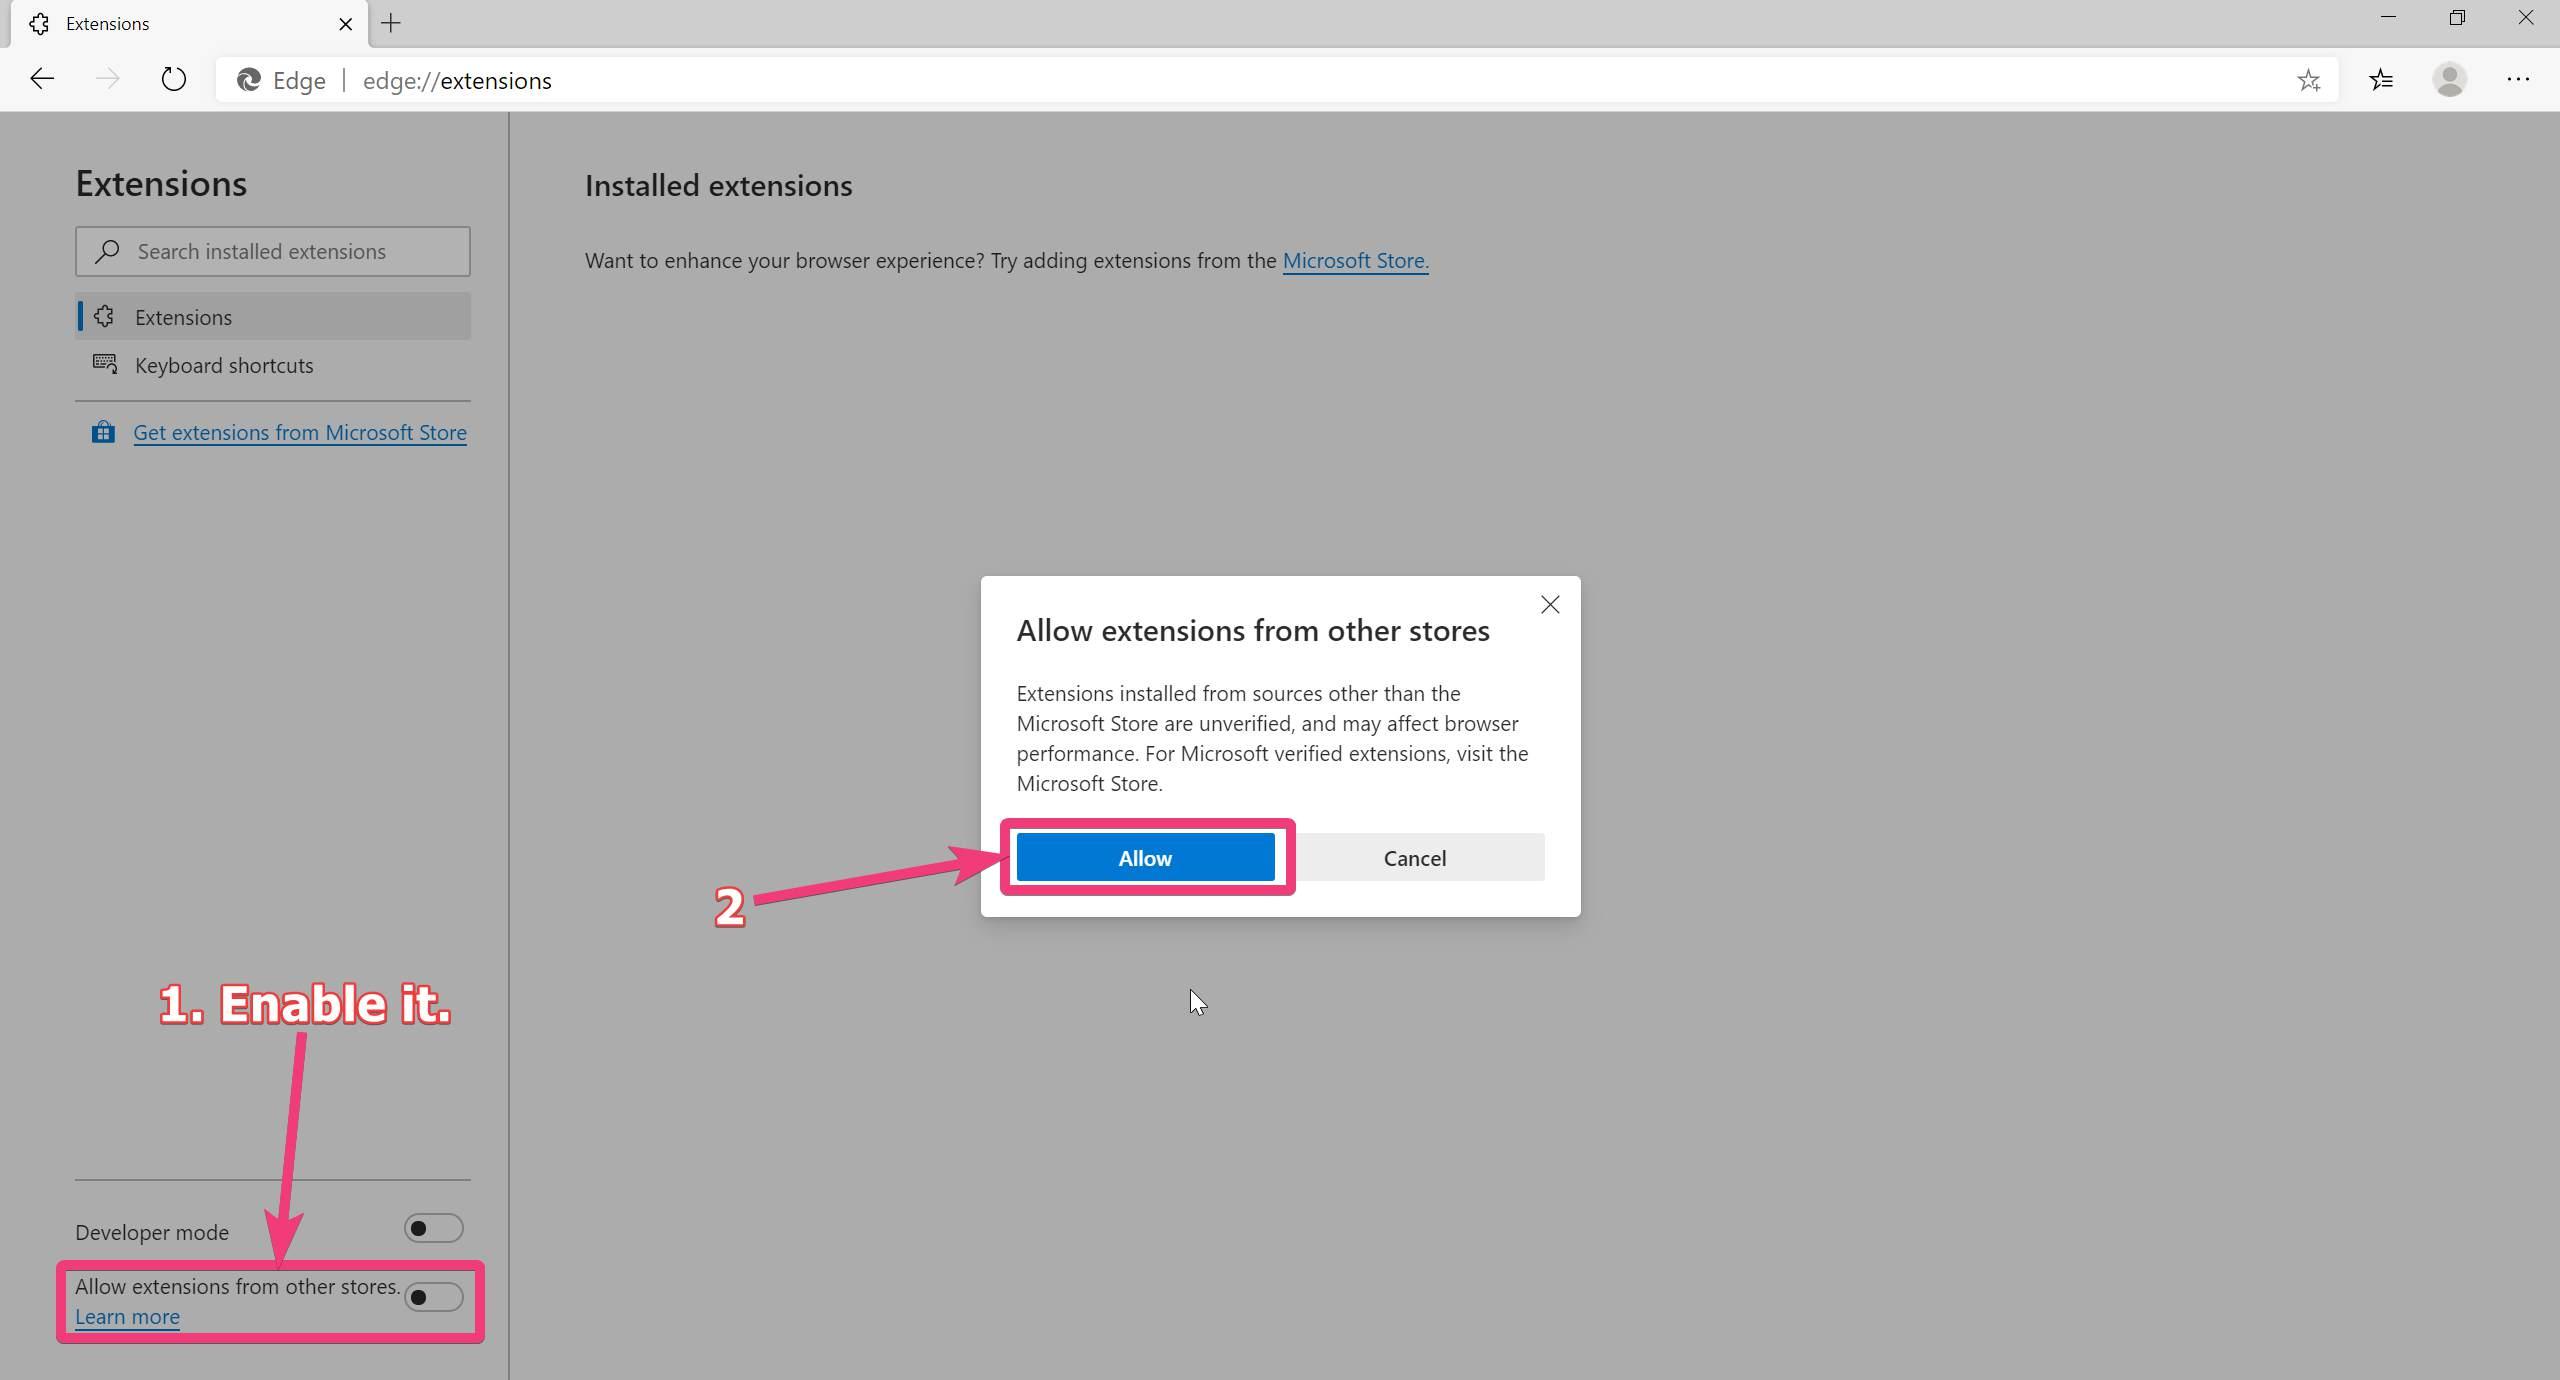 Bật tiện ích mở rộng Chrome trên Microsoft Edge